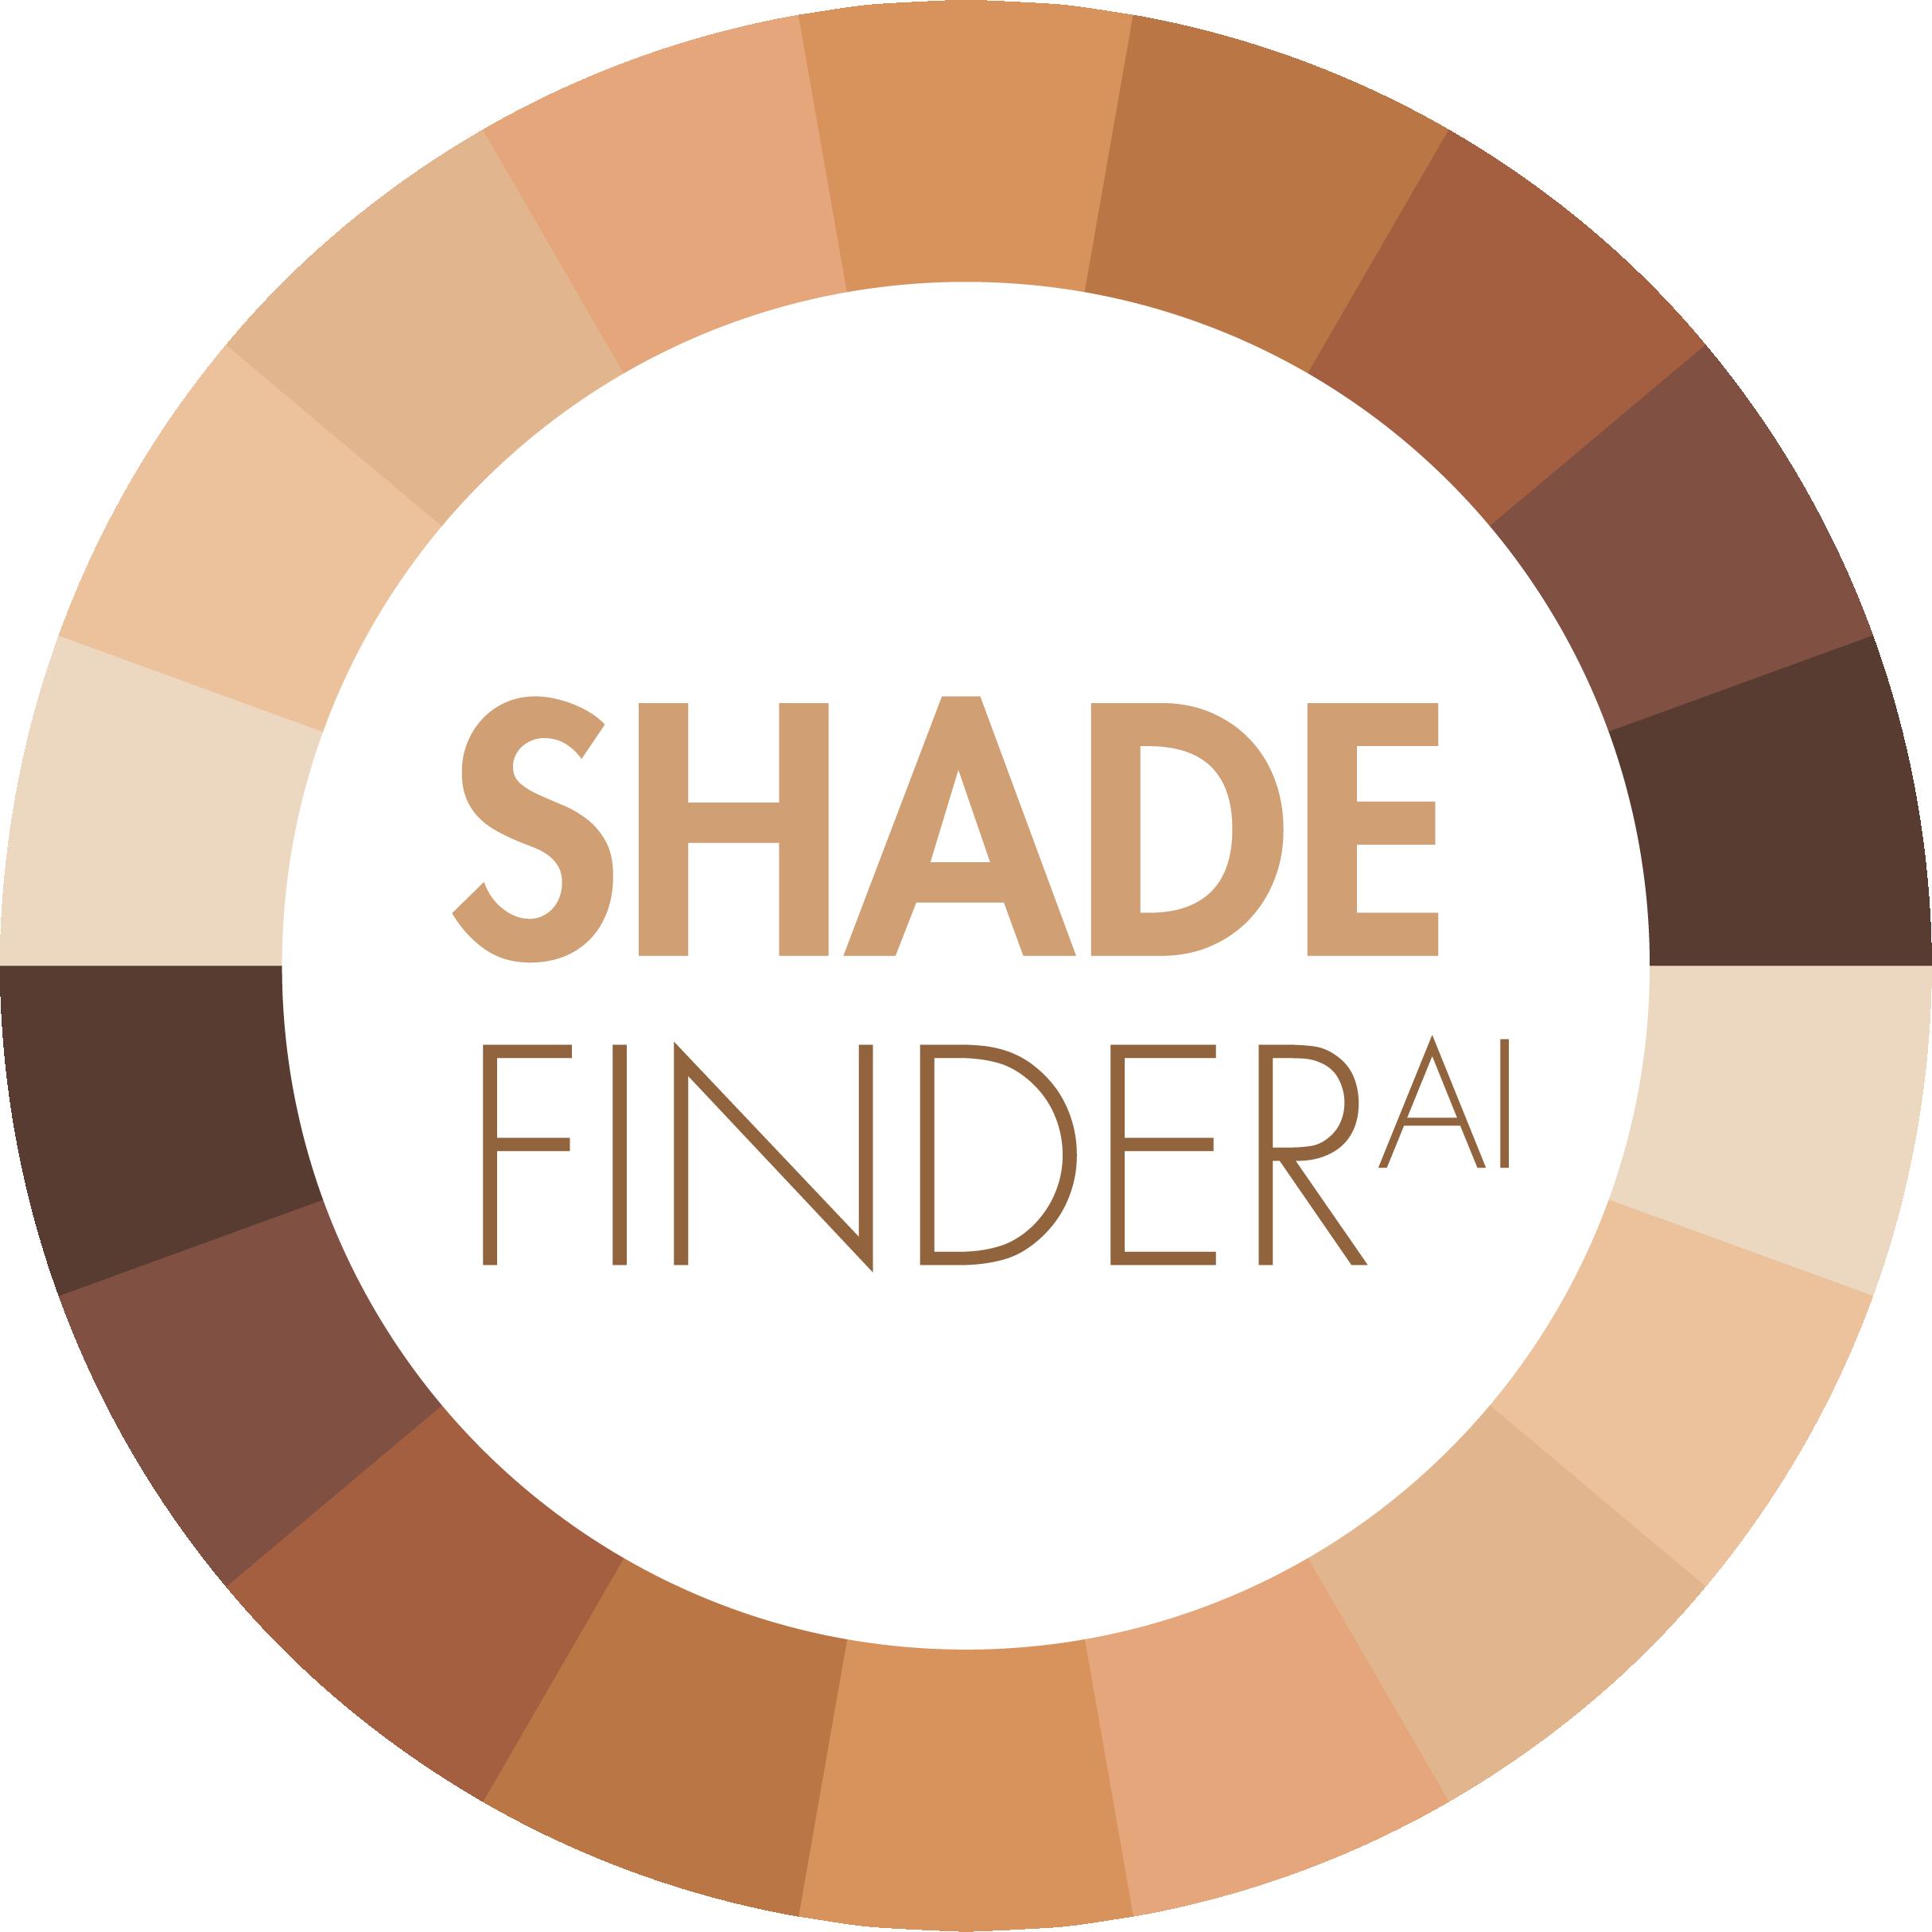 Shhade finder